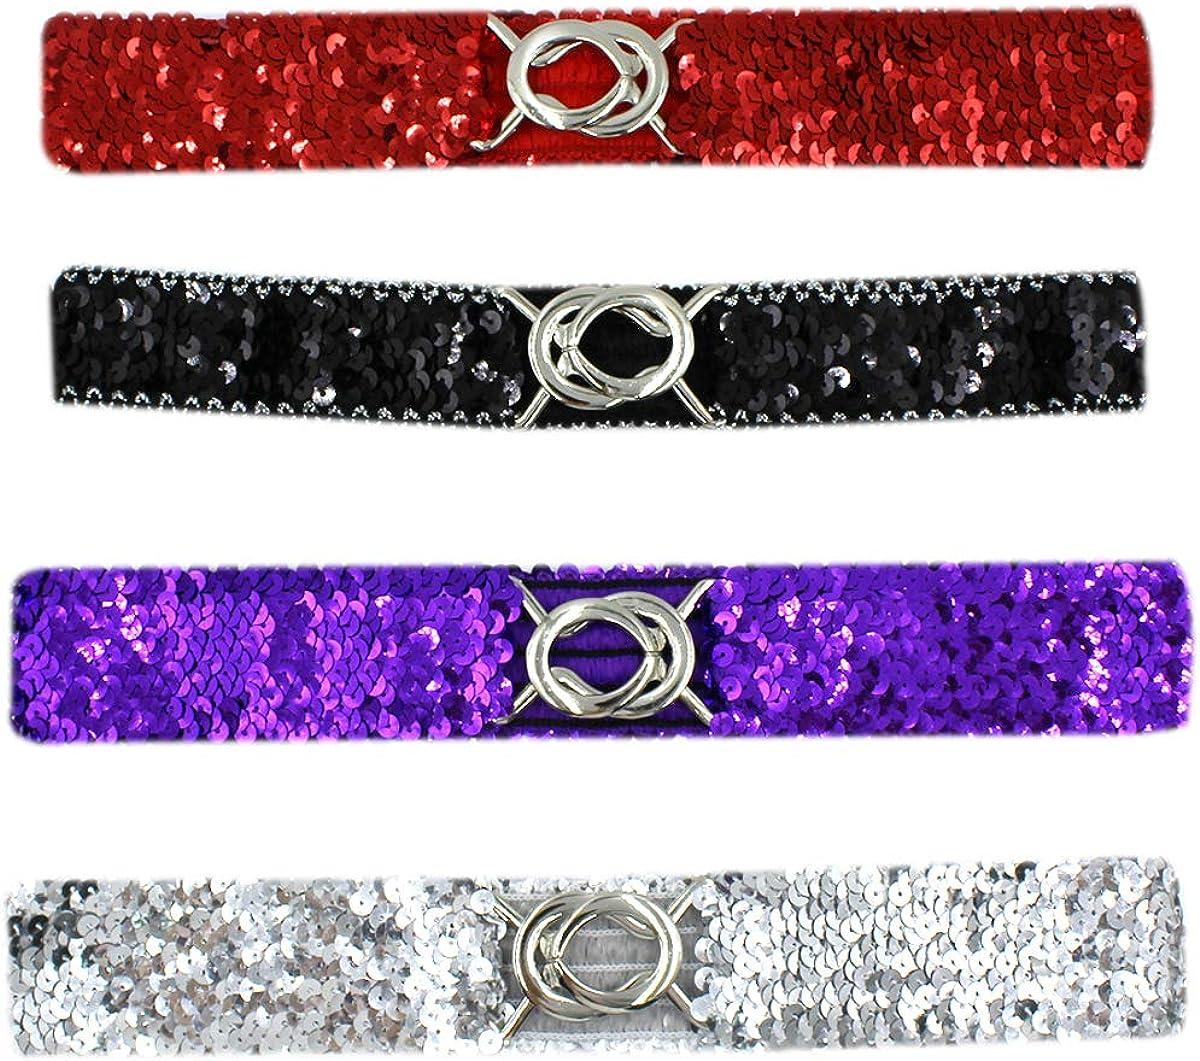 RARITYUS 4 Pack Women Girls Elastic Waist Belt Sparkly Glitter Sequin Decor Metal Buckles Wide Dress Skirts Corset Cinch Belt